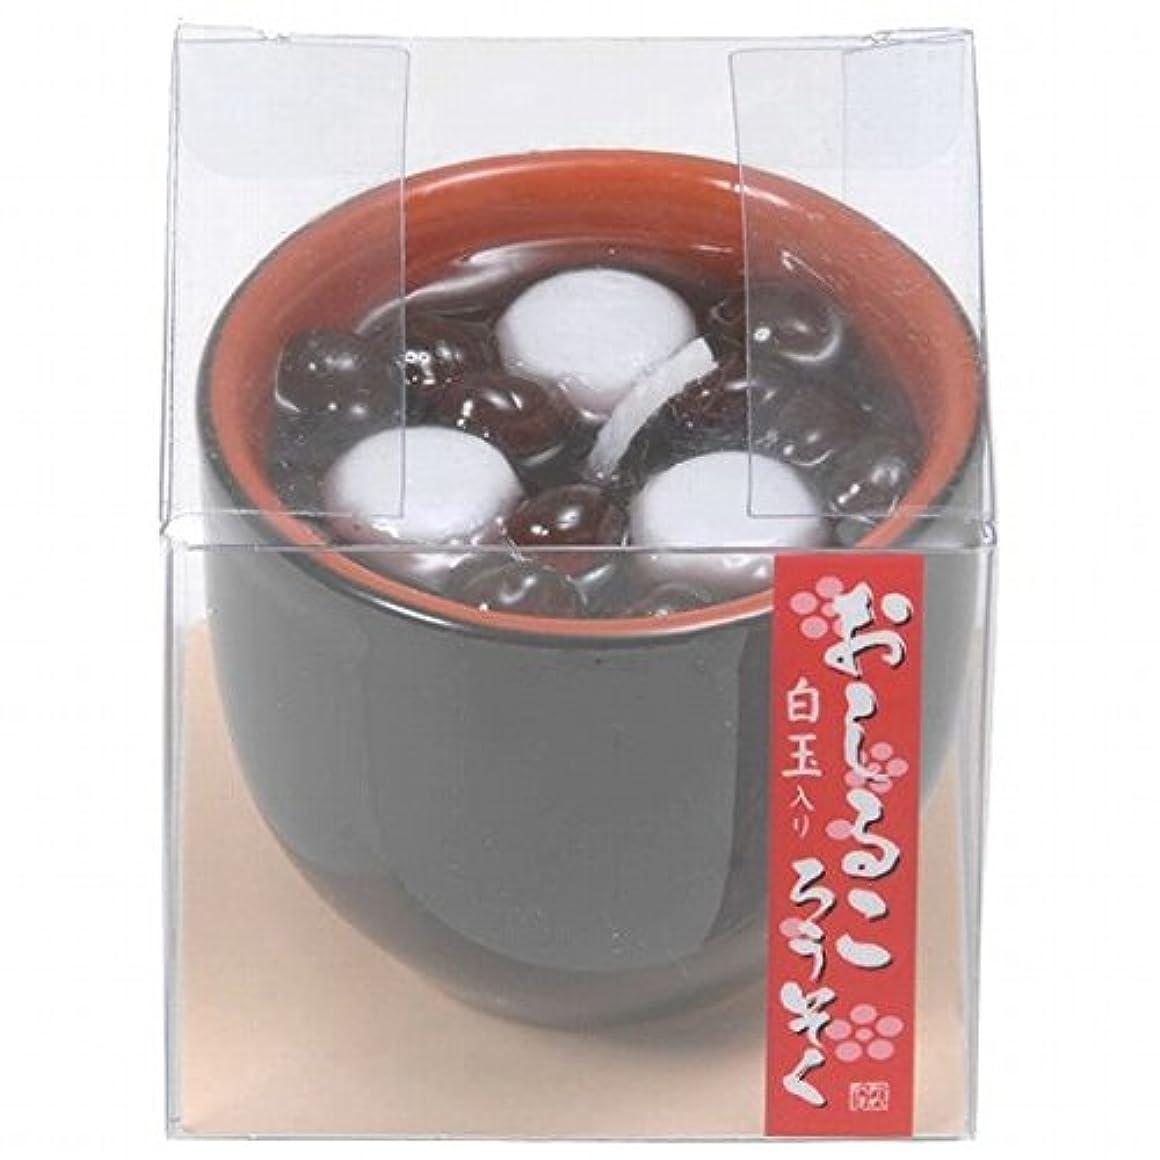 任命する引き金取り組むカメヤマキャンドル( kameyama candle ) おしるころうそく キャンドル